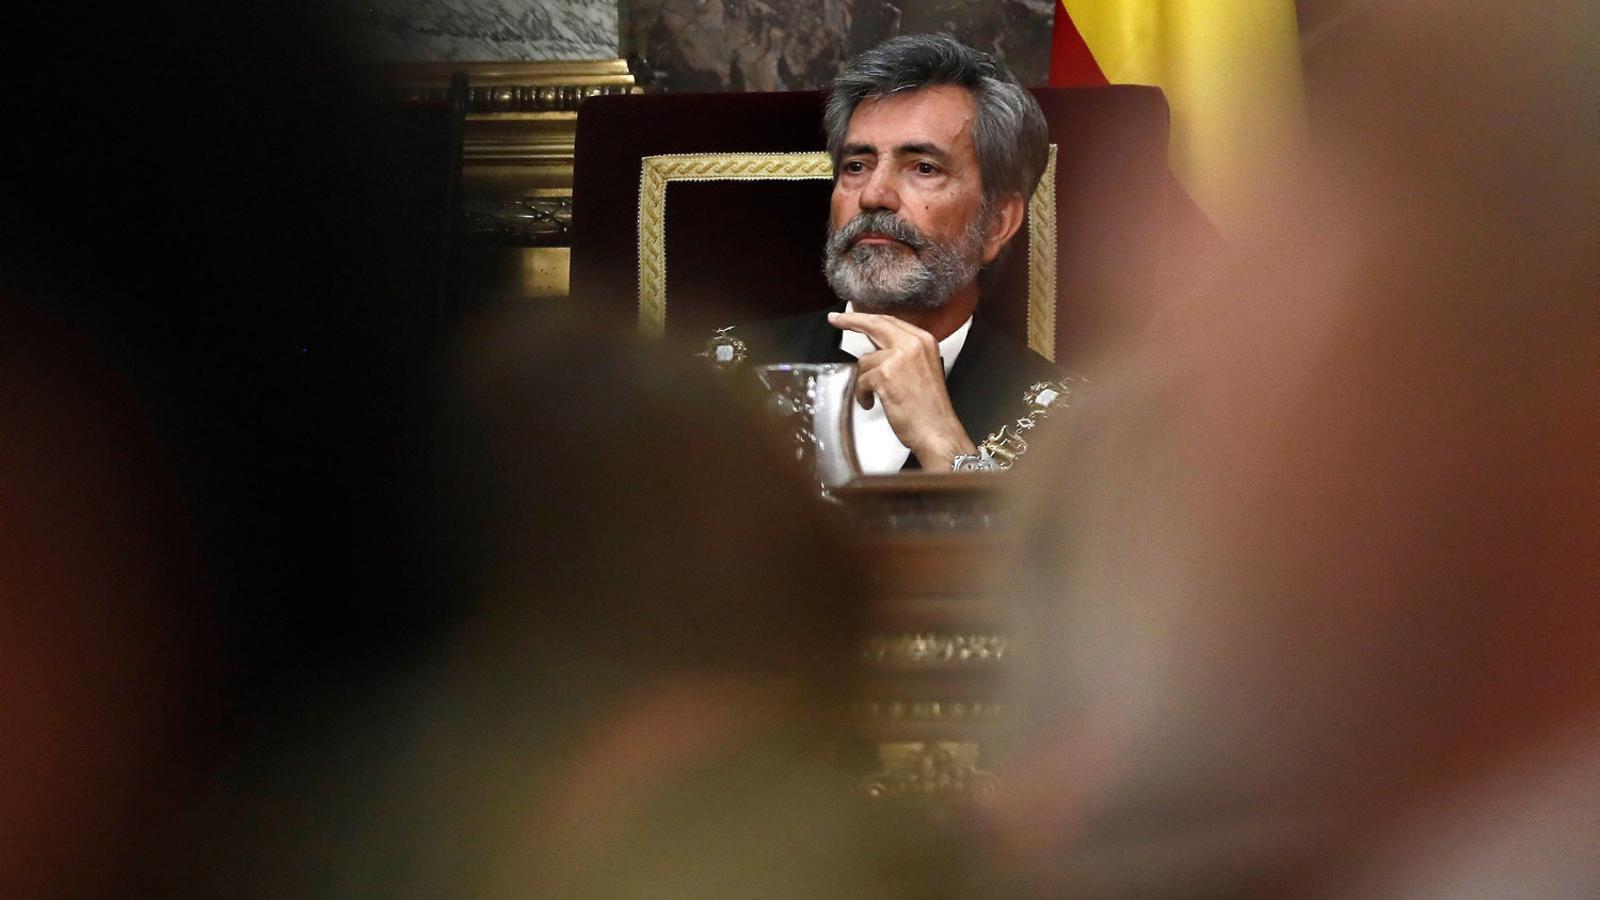 La dreta judicial utilitza el rei contra el govern